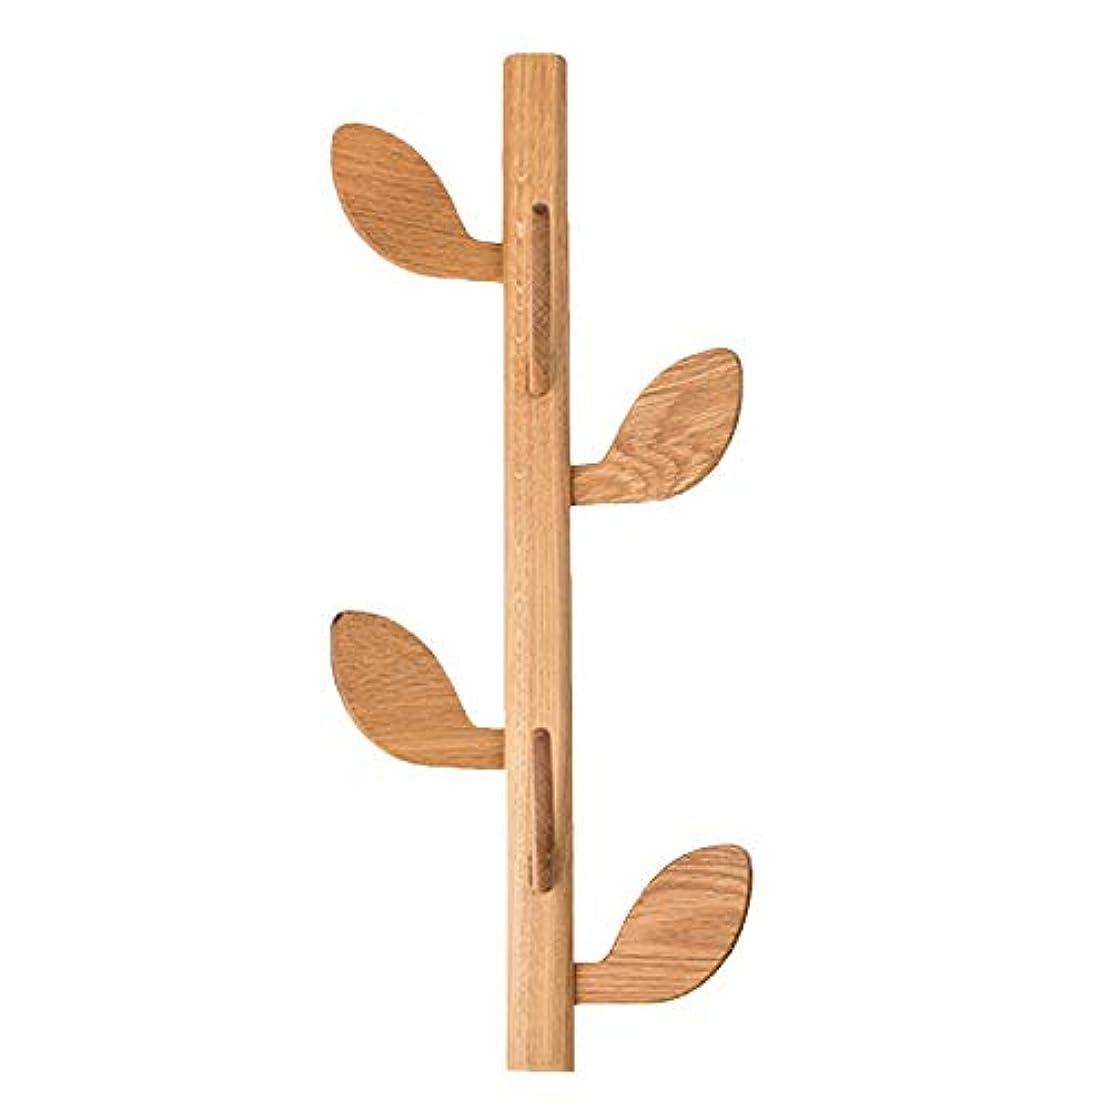 見捨てられた市長共産主義者壁コートハンガー マルチフックハンガー 多機能木製リーフスタンド (Color : Wood color, Size : 58*20*40cm)